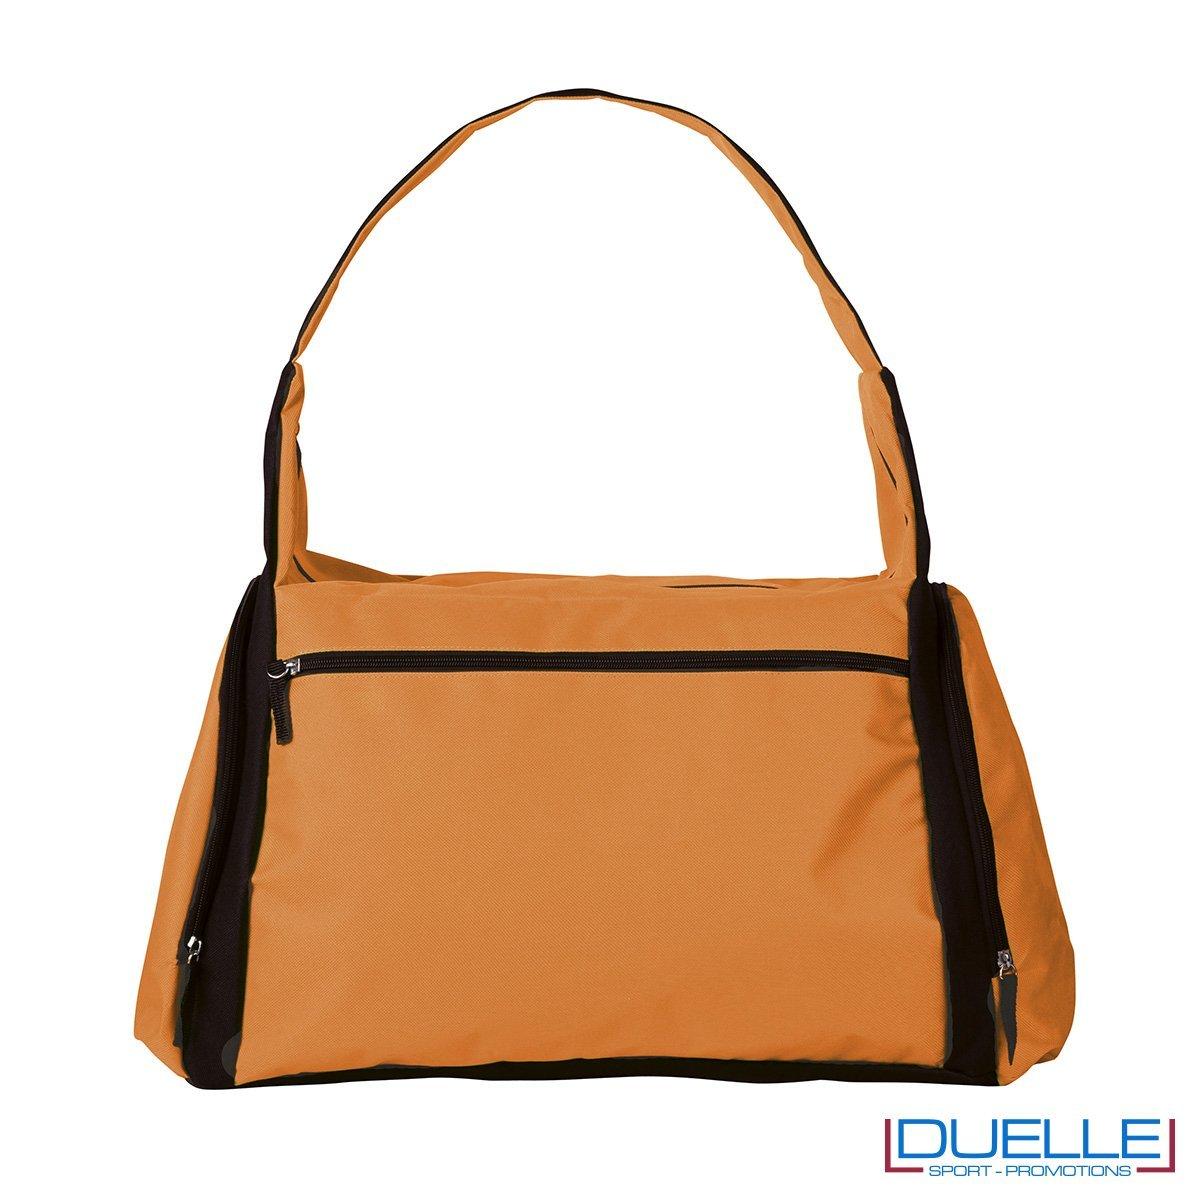 borsa sportiva colore arancione ideale per la palestra, borse sportive personalizzate, gadget sportivi personalizzati